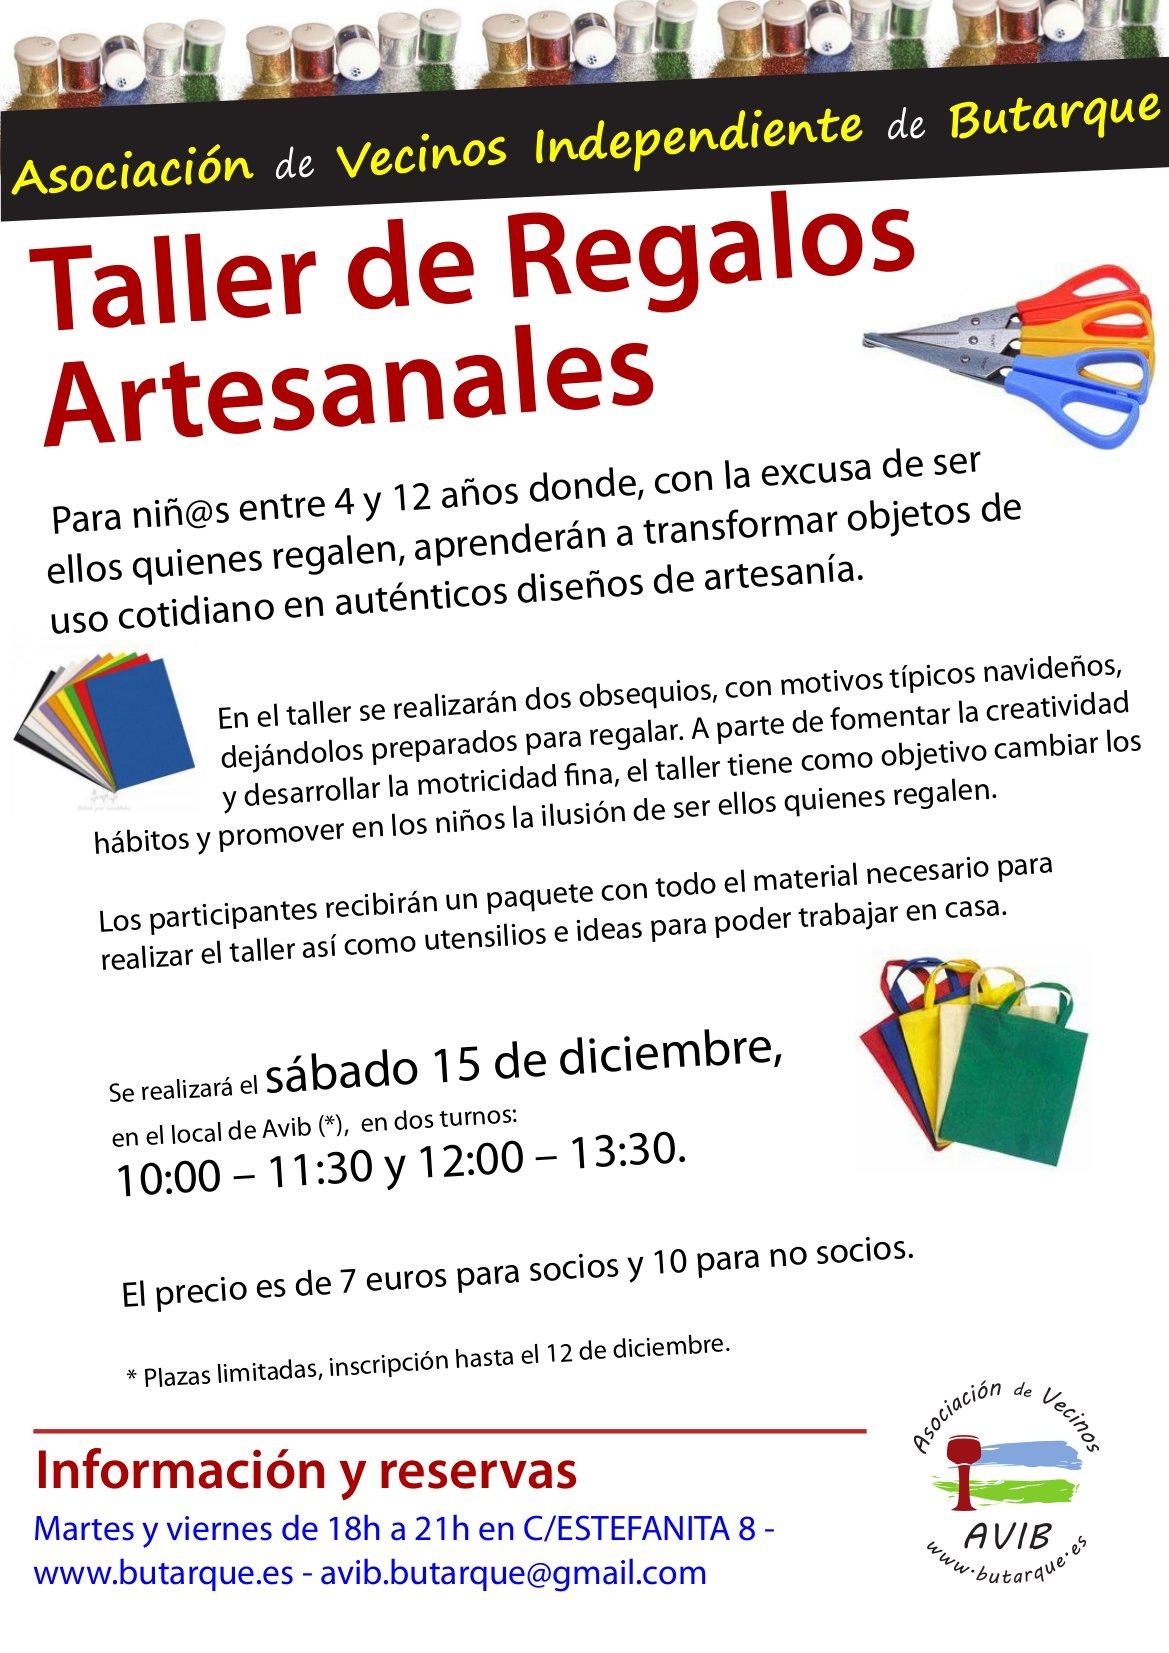 REGALOS_ARTESANALES.jpg